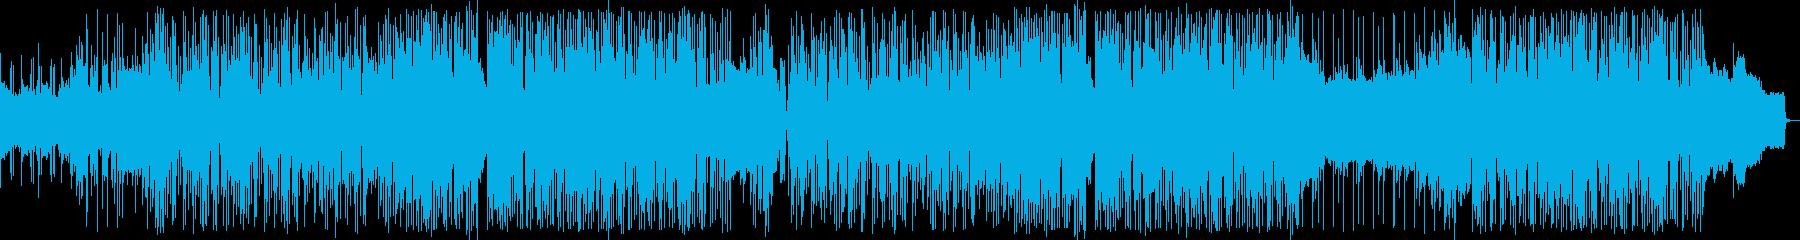 ヒップホップ風のリズムのR&Bバラード3の再生済みの波形